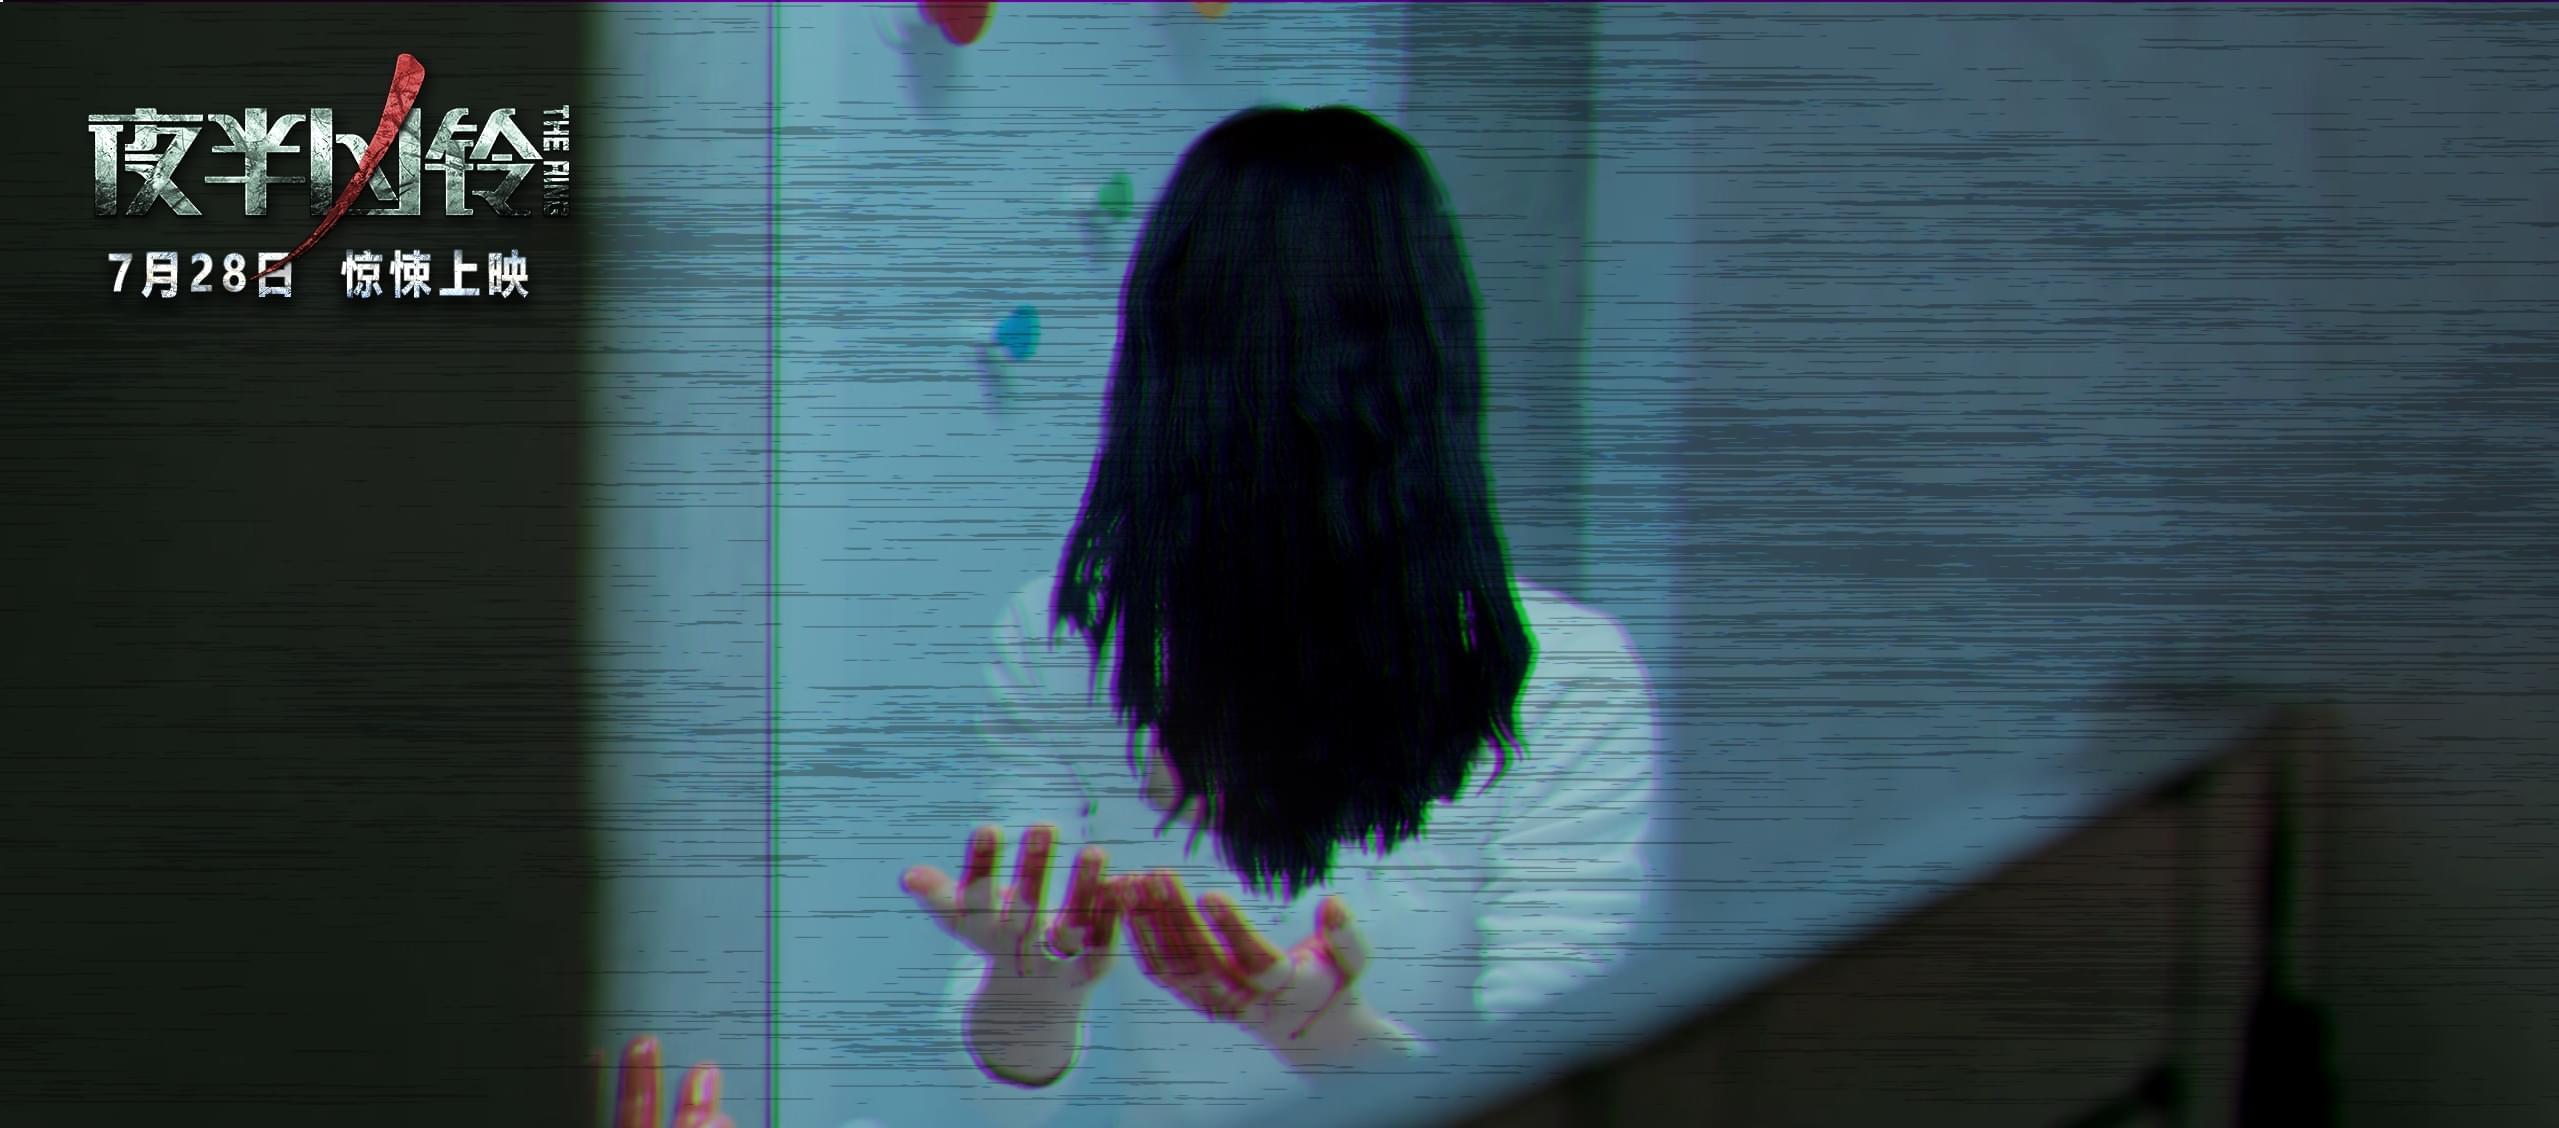 电影《夜半凶铃》接力《京城2》 7.28恐怖来袭